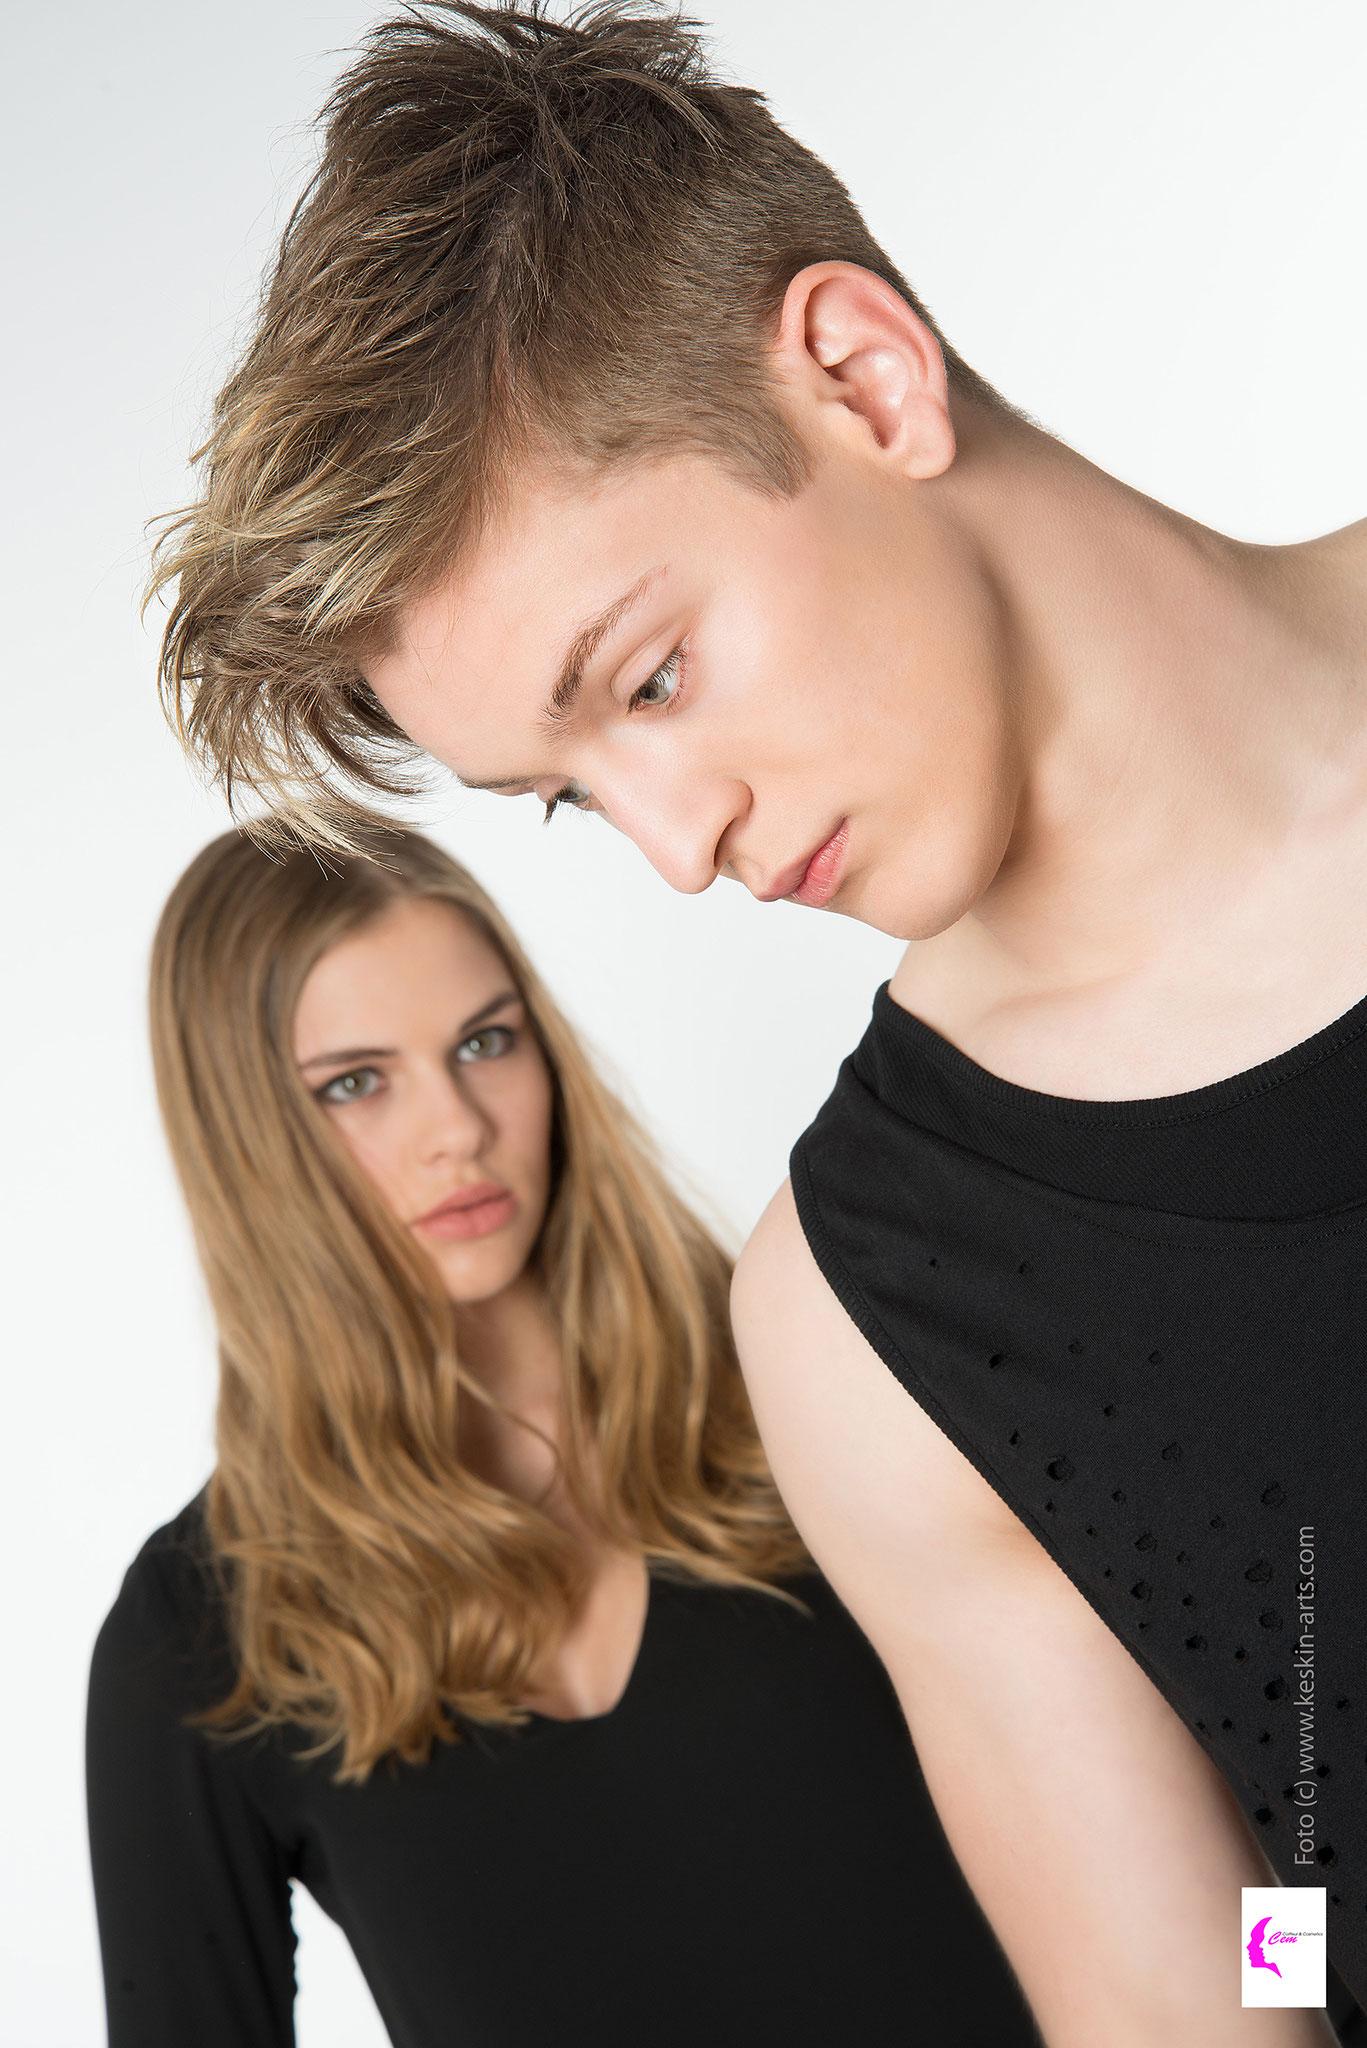 Coiffeur & Cosmetics CEM http://www.cc-cem.de